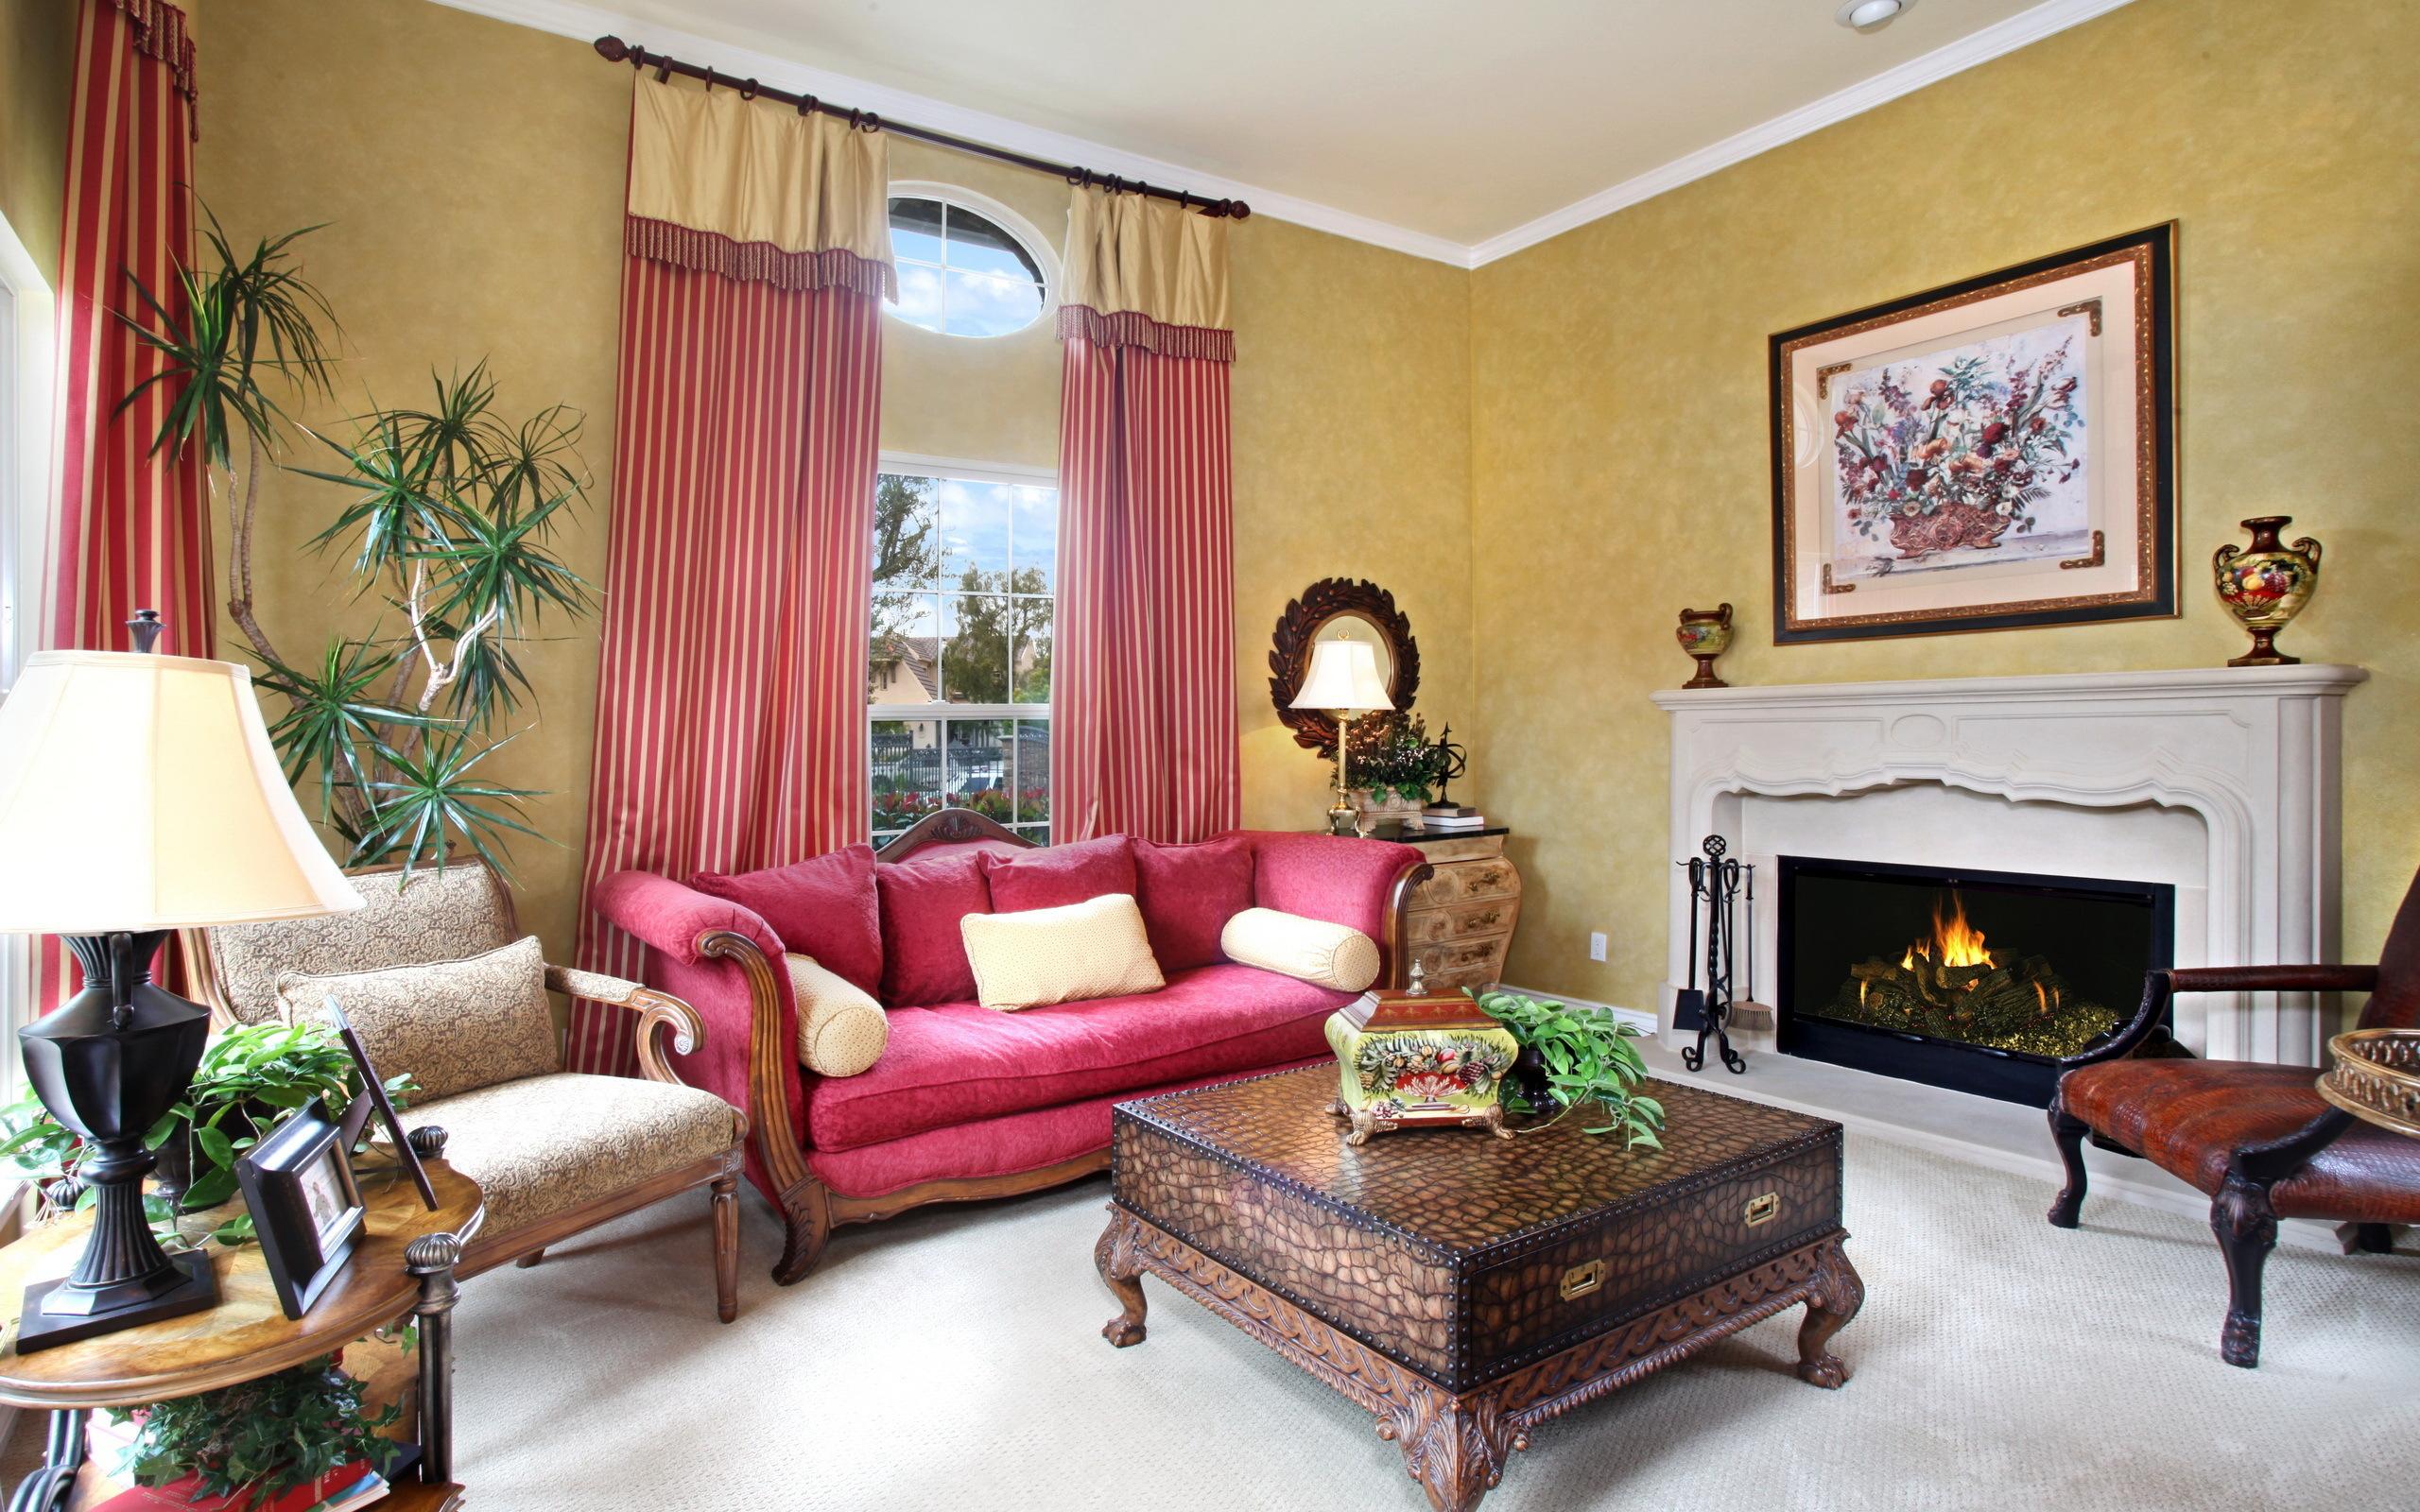 интерьер комната камин стол ковер interior bathroom fireplace table carpet бесплатно